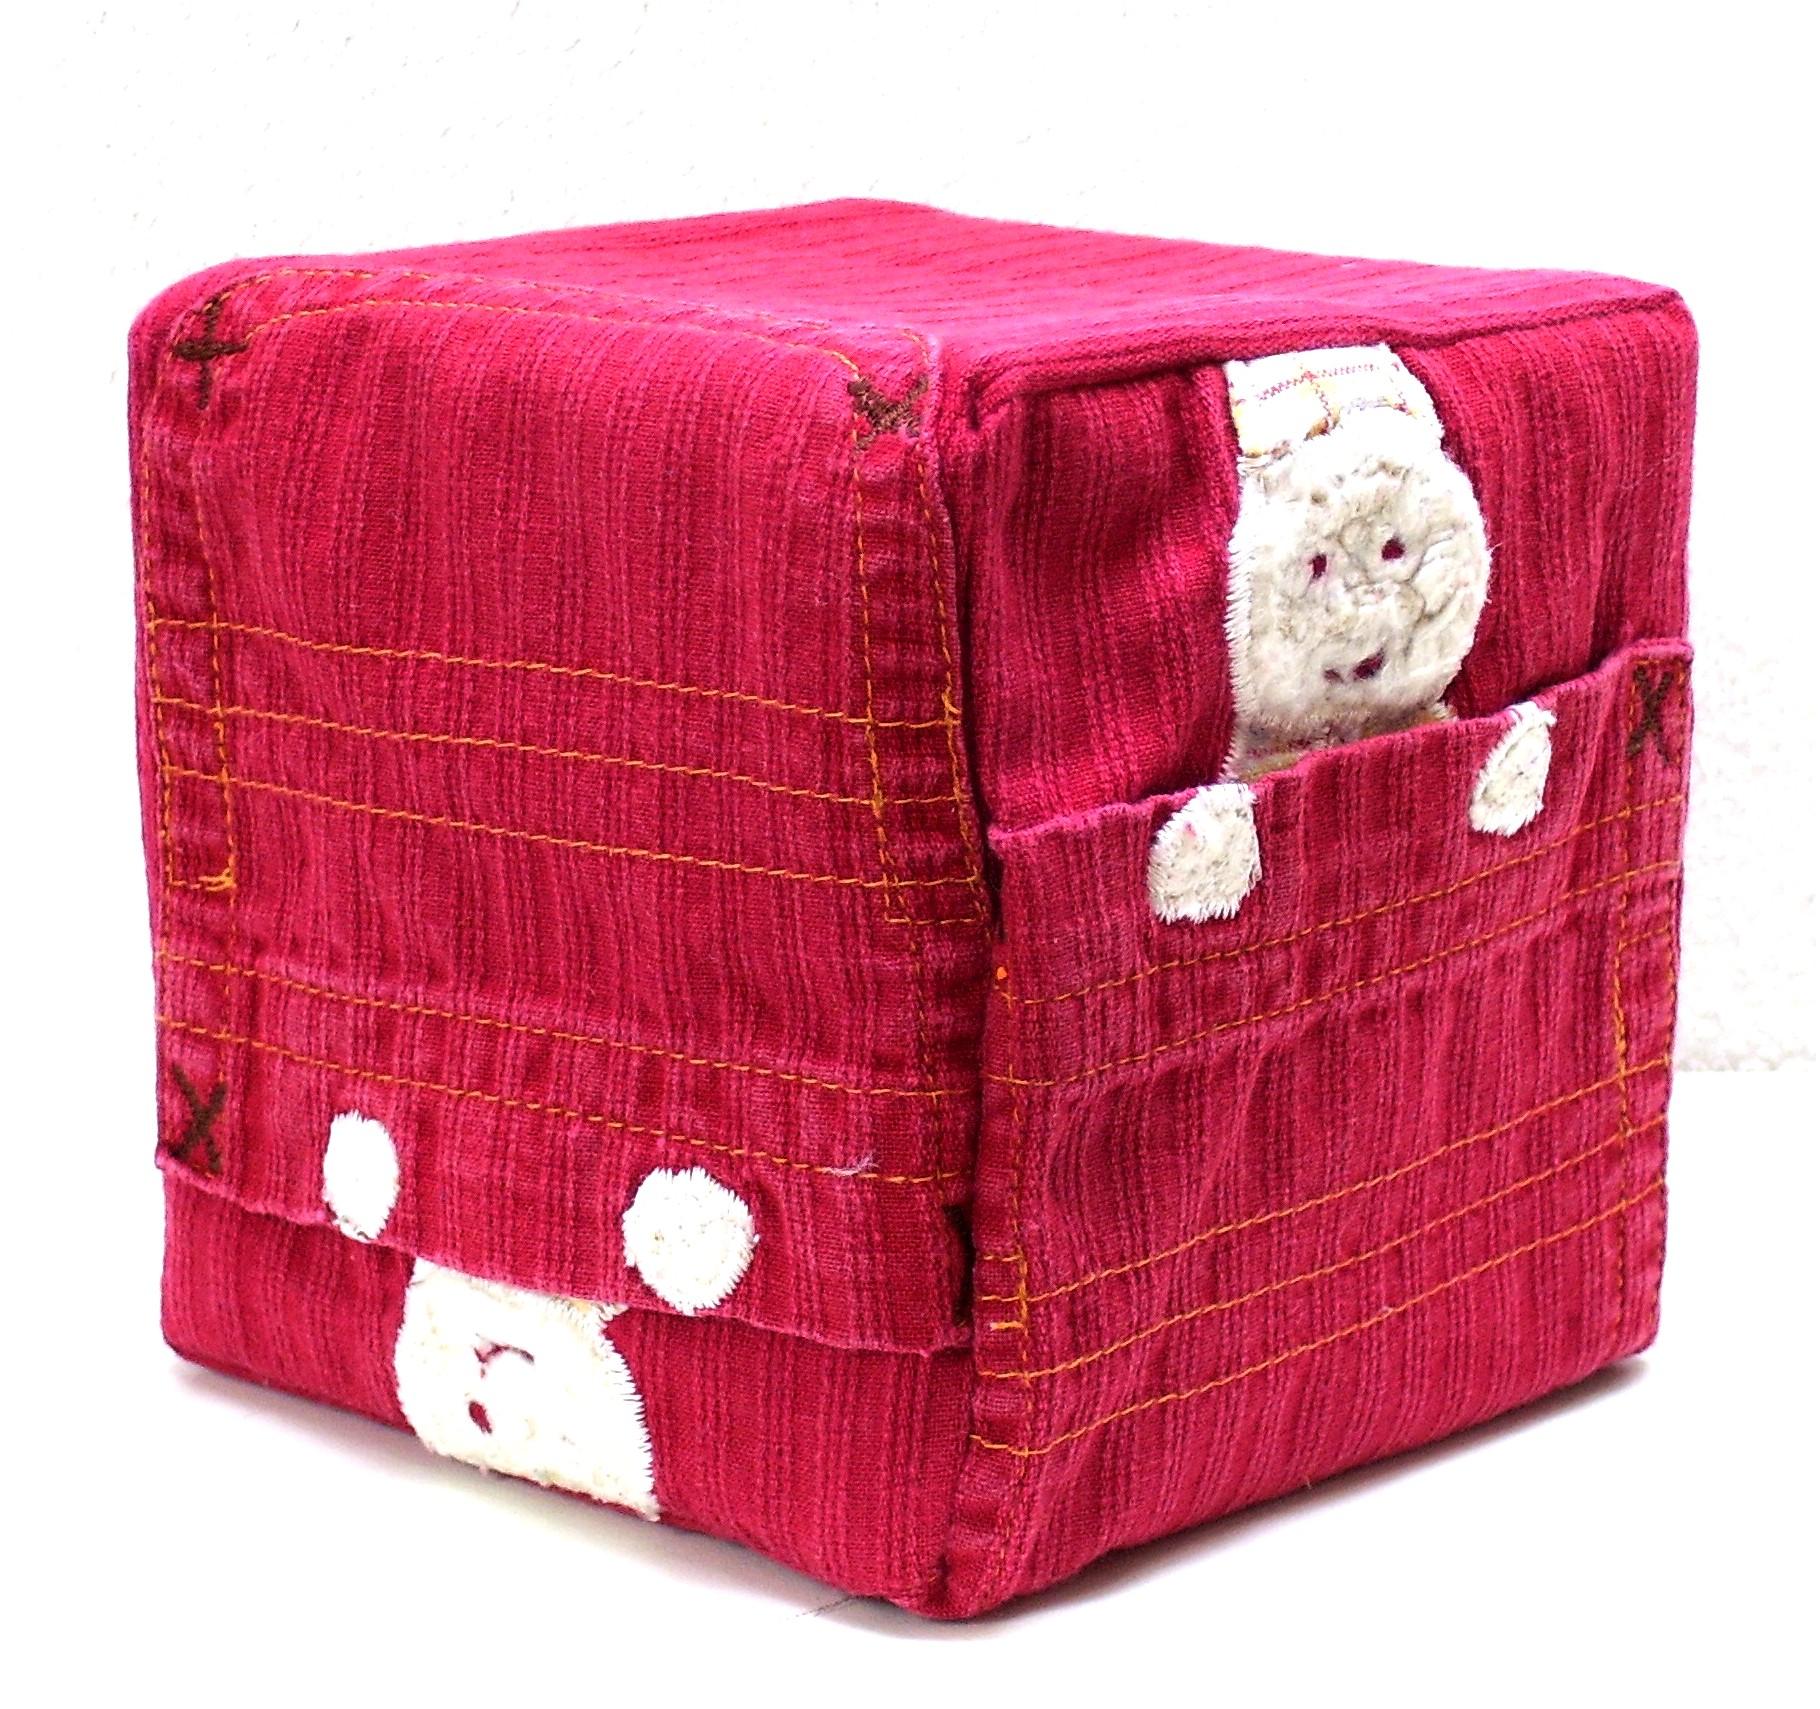 Gepersonaliseerde kubus van textiel, Keepingtouch, in contact blijven met mooie momenten.